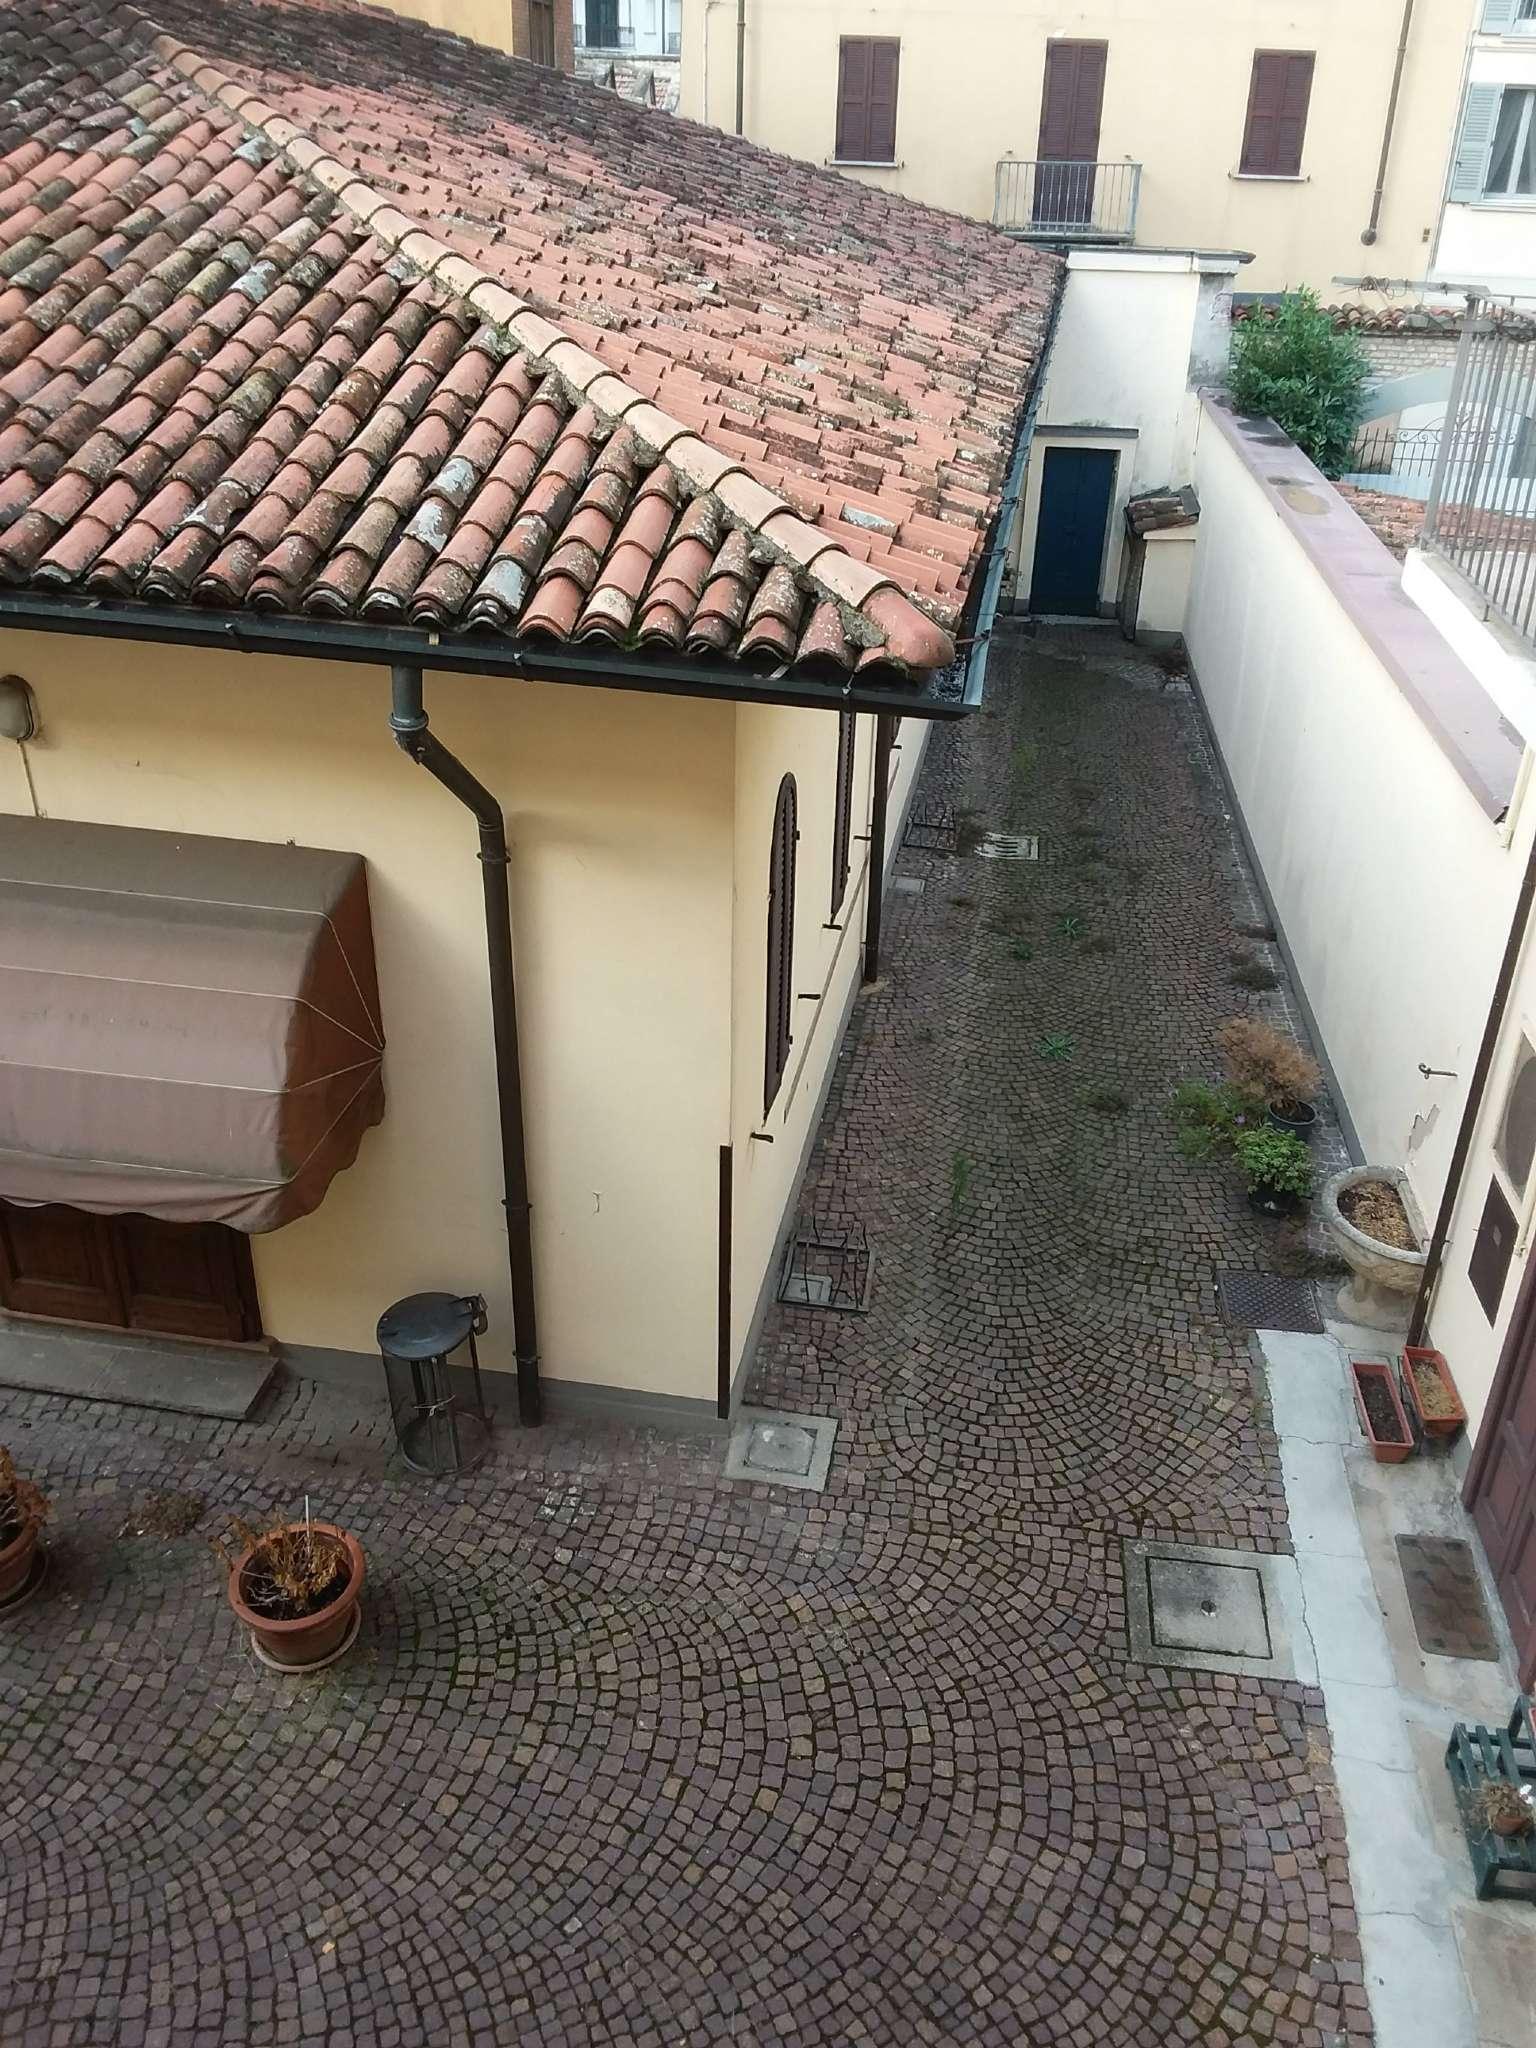 Palazzo / Stabile in vendita a Lodi, 20 locali, prezzo € 1.260.000 | CambioCasa.it